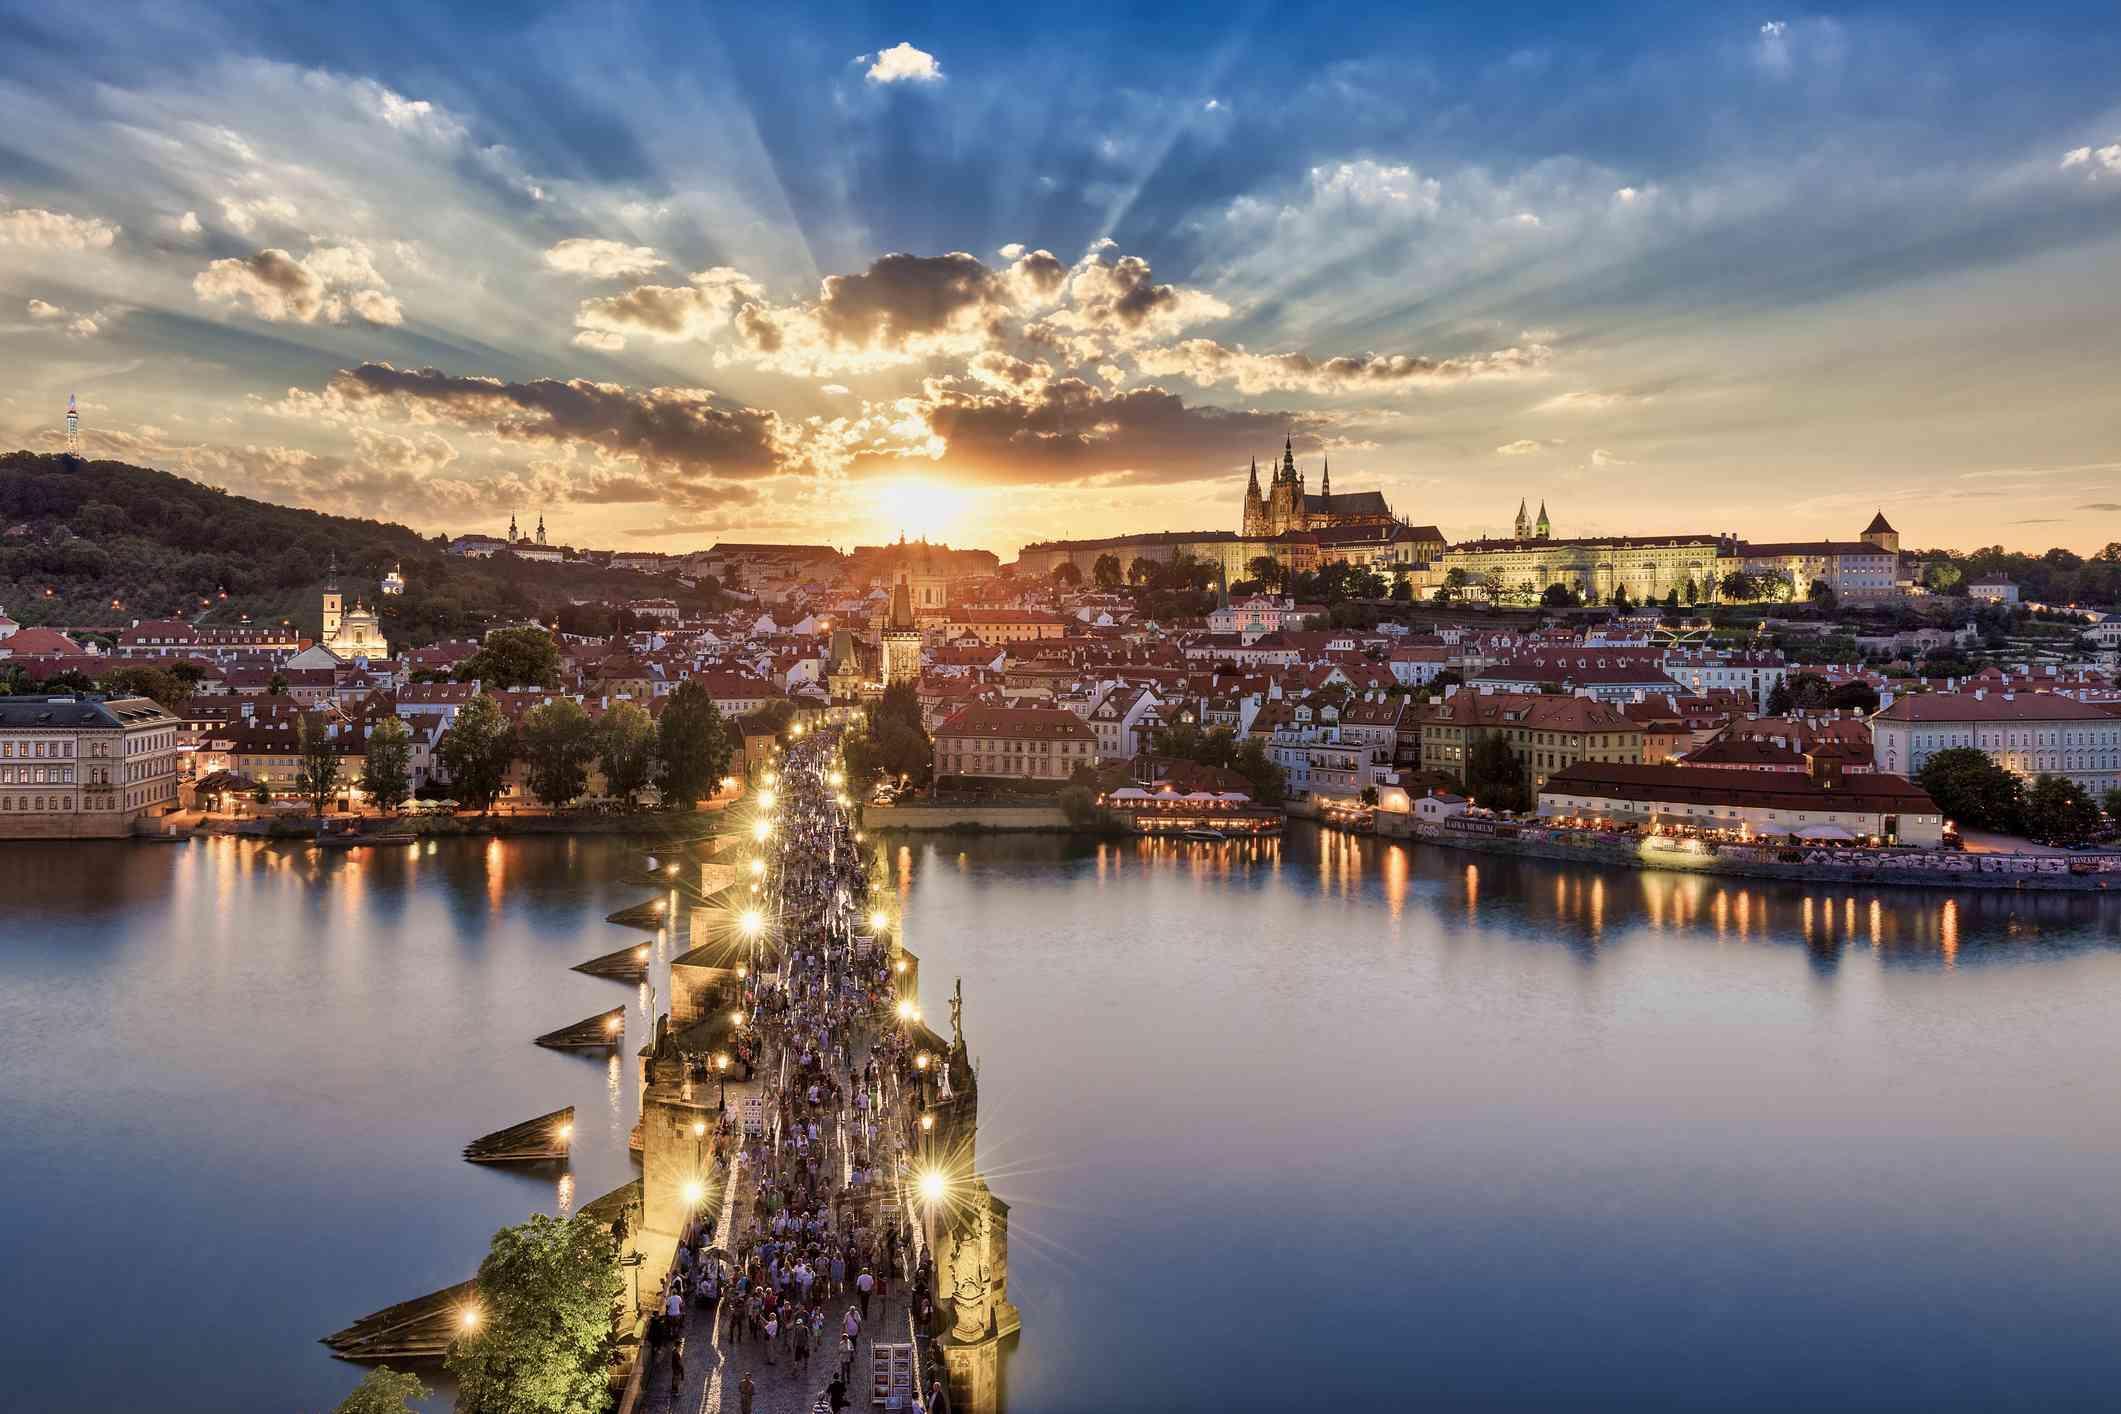 Luz del sol que fluye en el Puente de Carlos, Distrito del Castillo, Palacio Real y Catedral de San Vito, Praga, Bohemia, República Checa